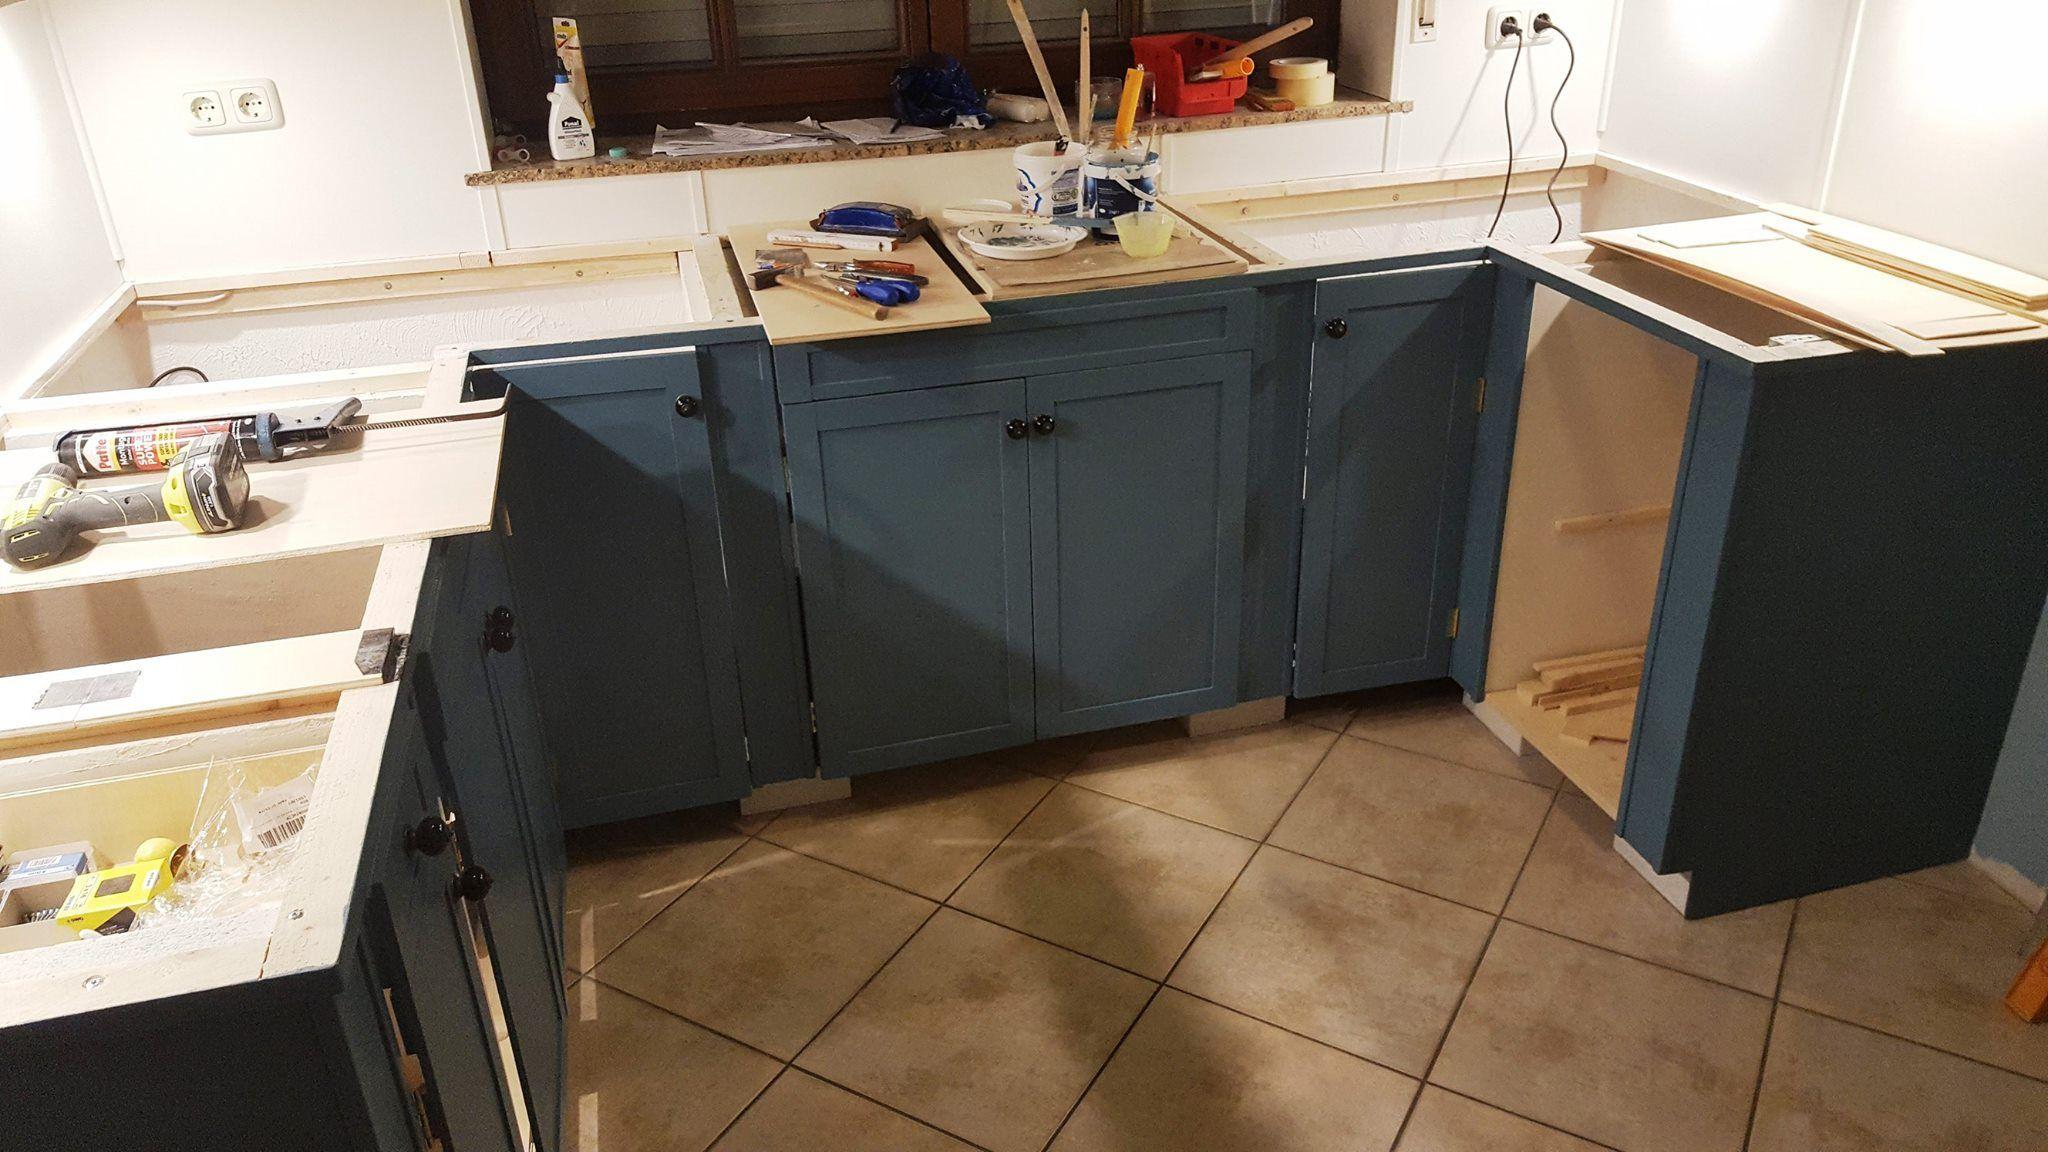 Full Size of Küche Ohne Geräte Zu Verschenken Roller Küche Ohne Geräte Respekta Premium Küche Ohne Geräte Respekta Küche Ohne Geräte Küche Küche Ohne Geräte